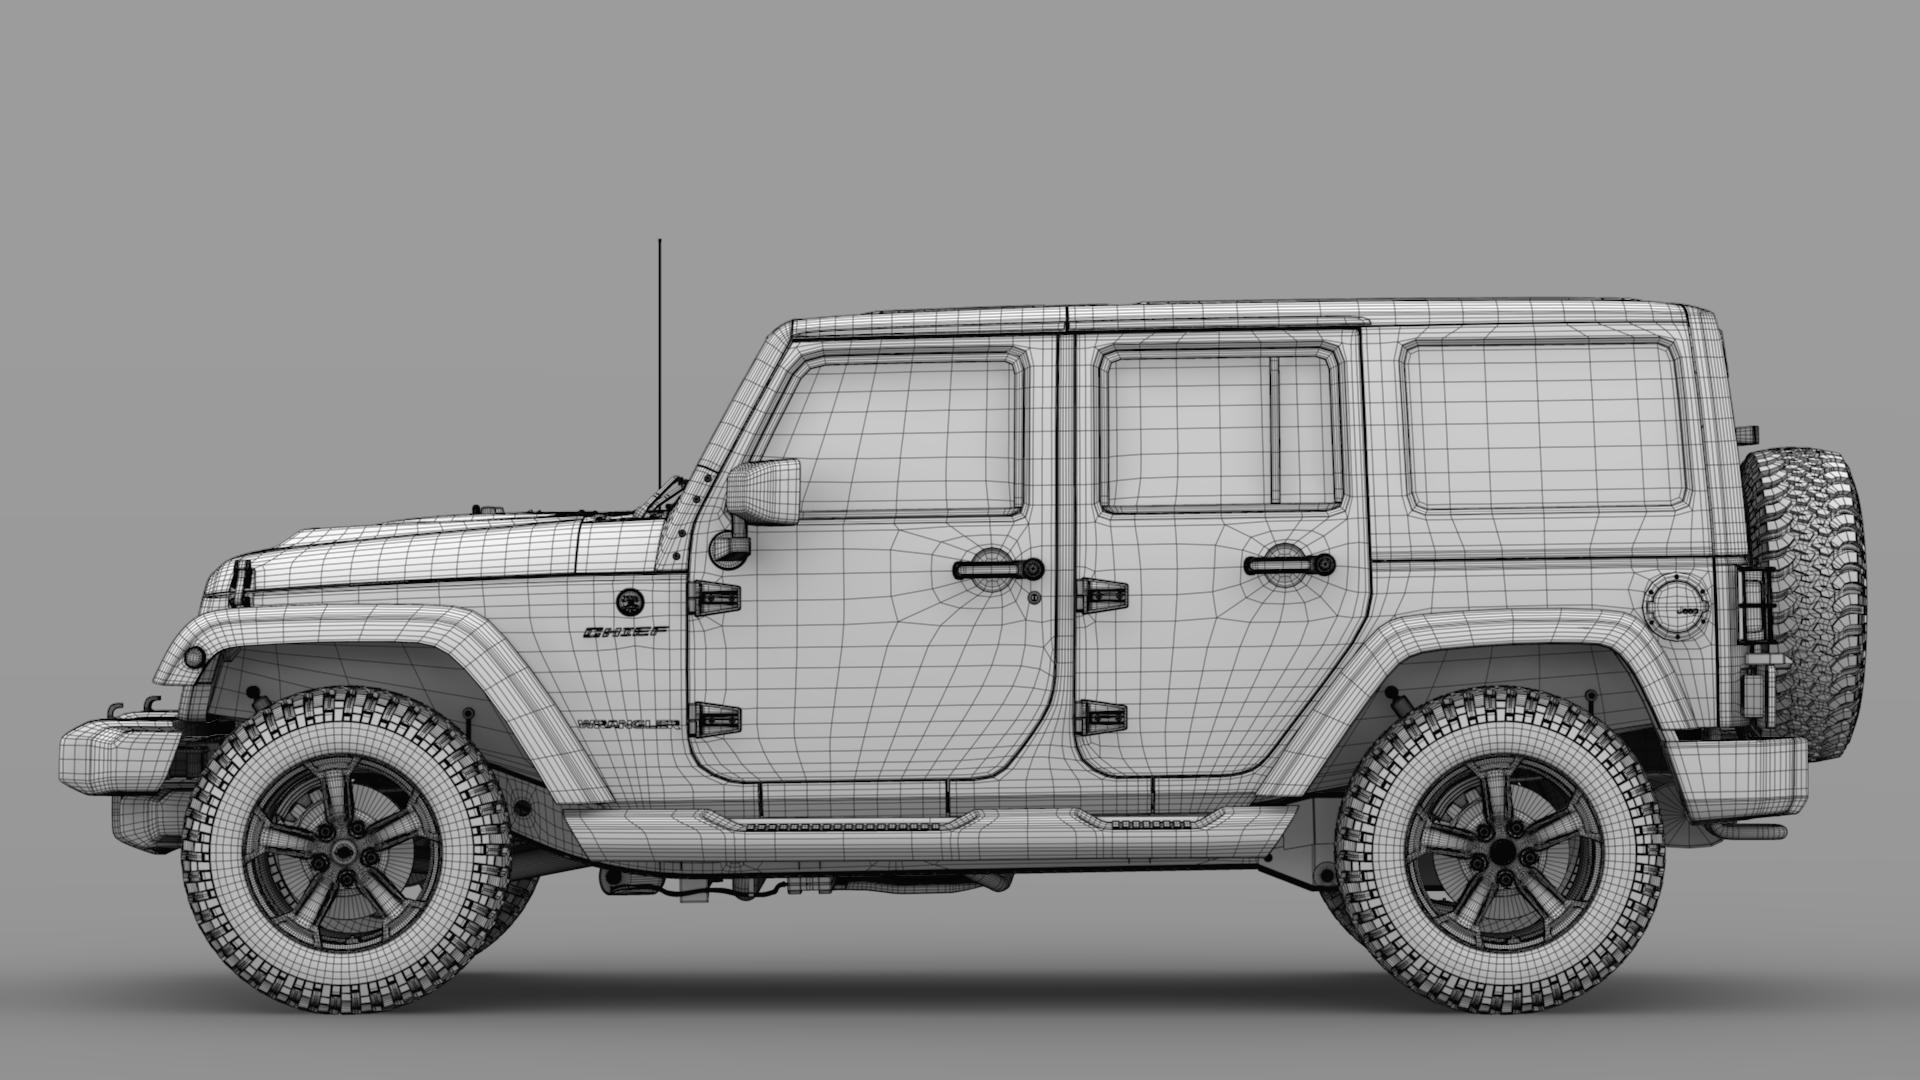 jeep wrangler unlimited chief jk 2017 3d model max fbx c4d lwo ma mb hrc xsi obj 276983